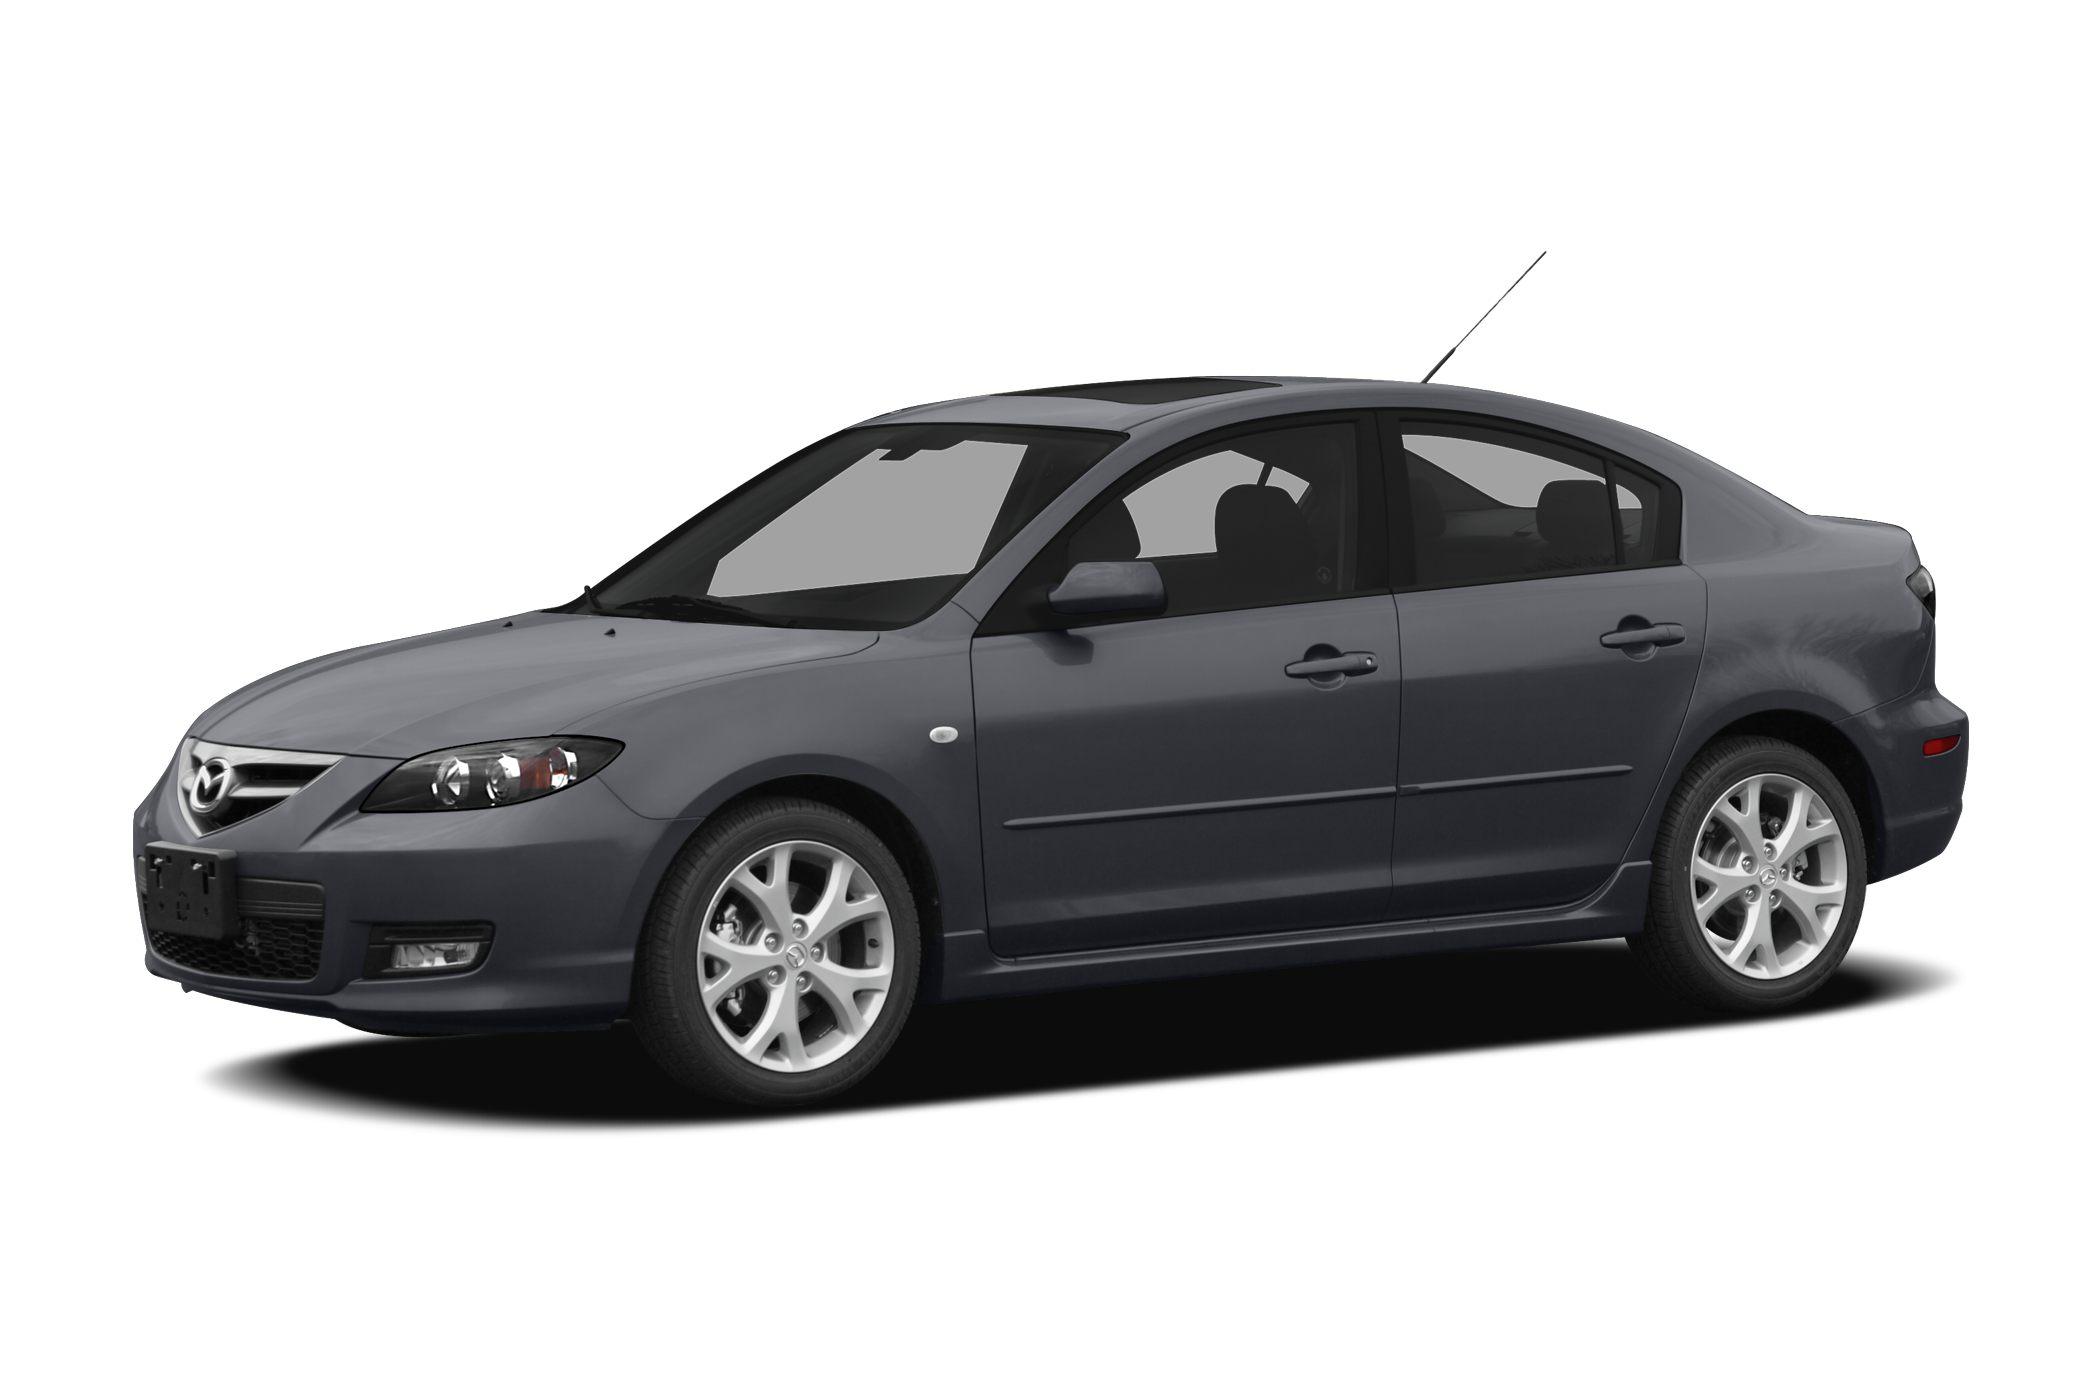 Kelebihan Mazda 3 2009 Murah Berkualitas